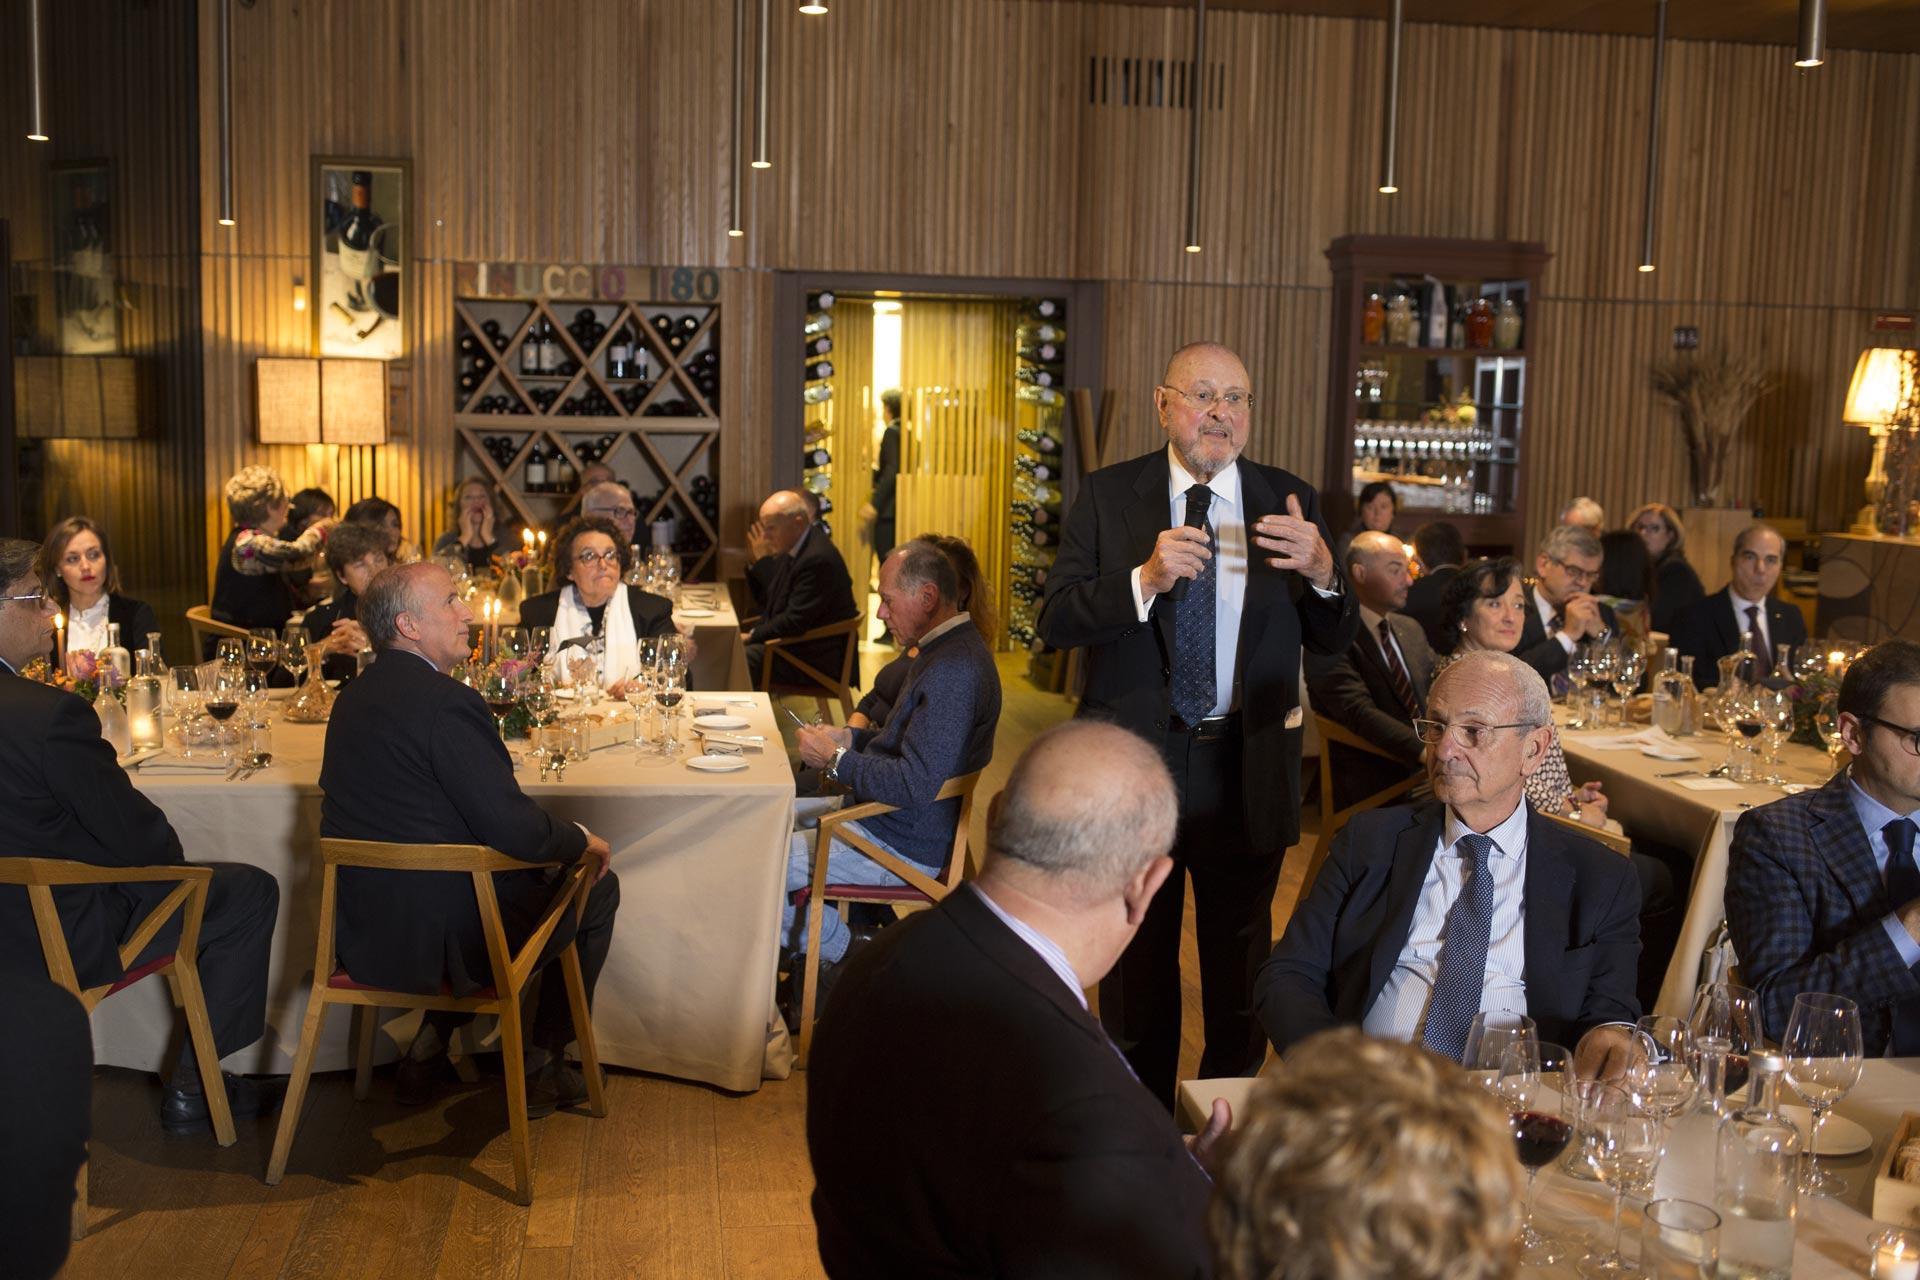 Il vice-presidente del Rotarian Gourmet, Ulisse Vivarelli, ha organizzato l'evento di presentazione fiorentino